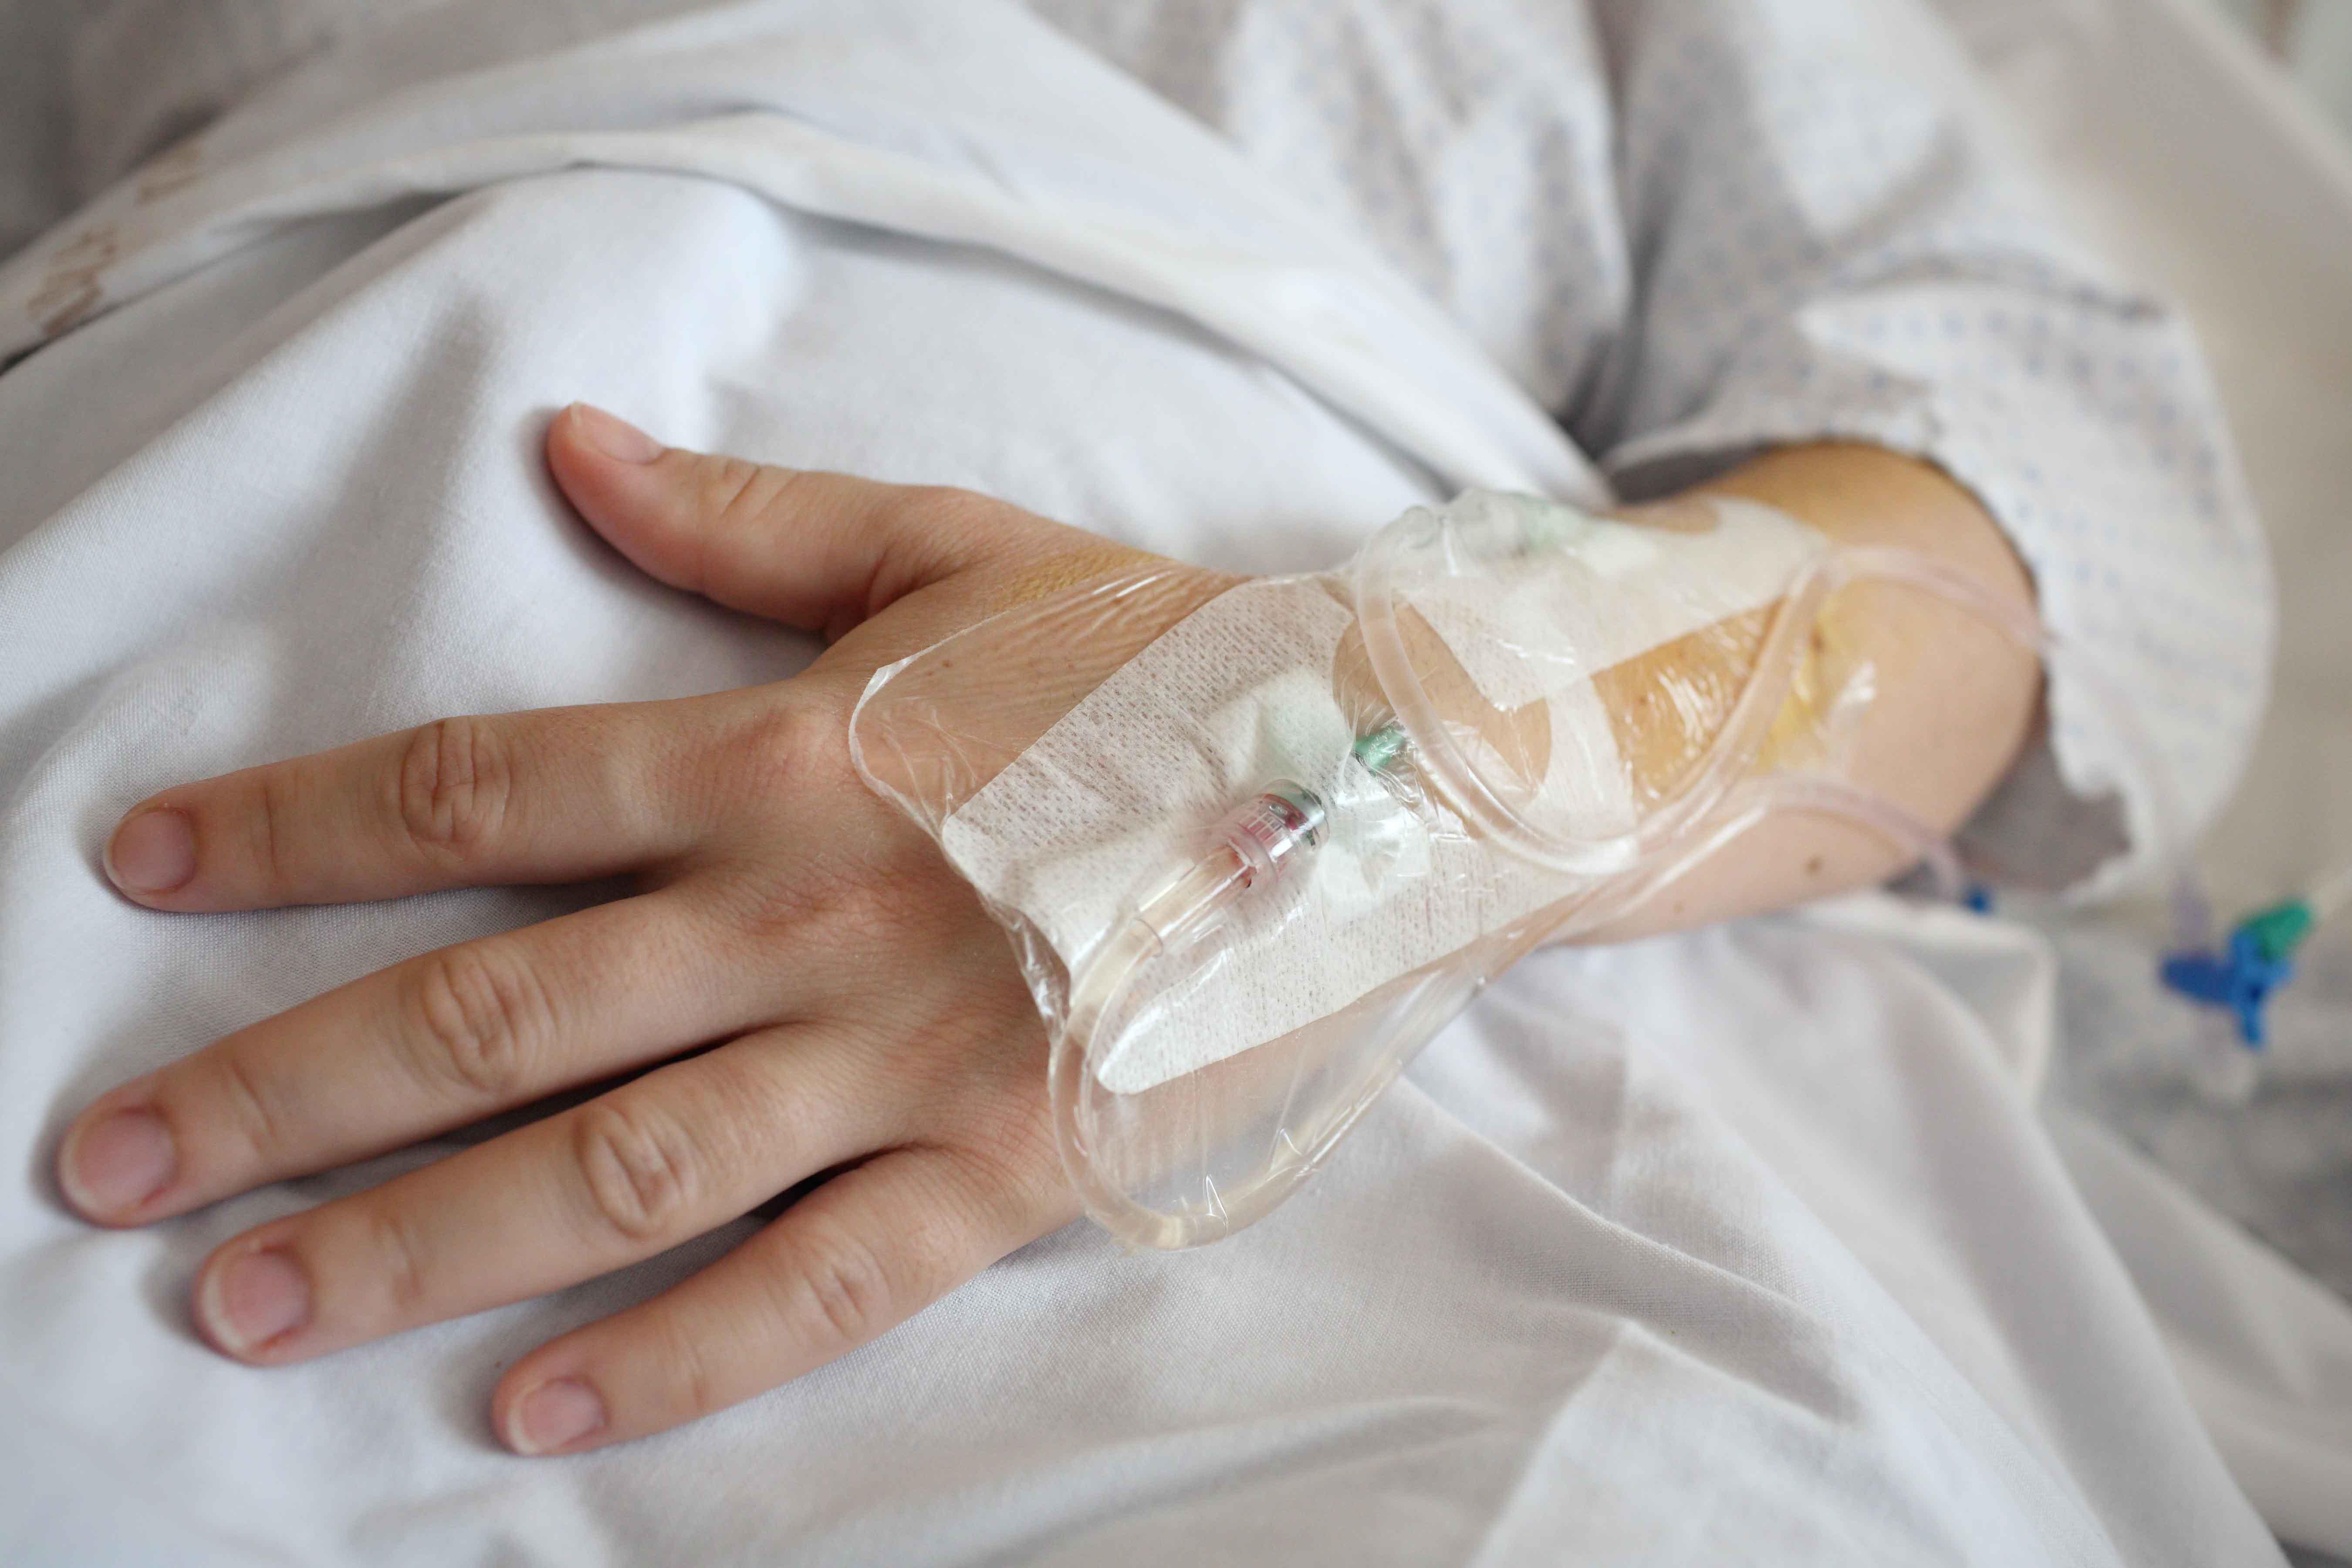 Mano de paciente oncológico